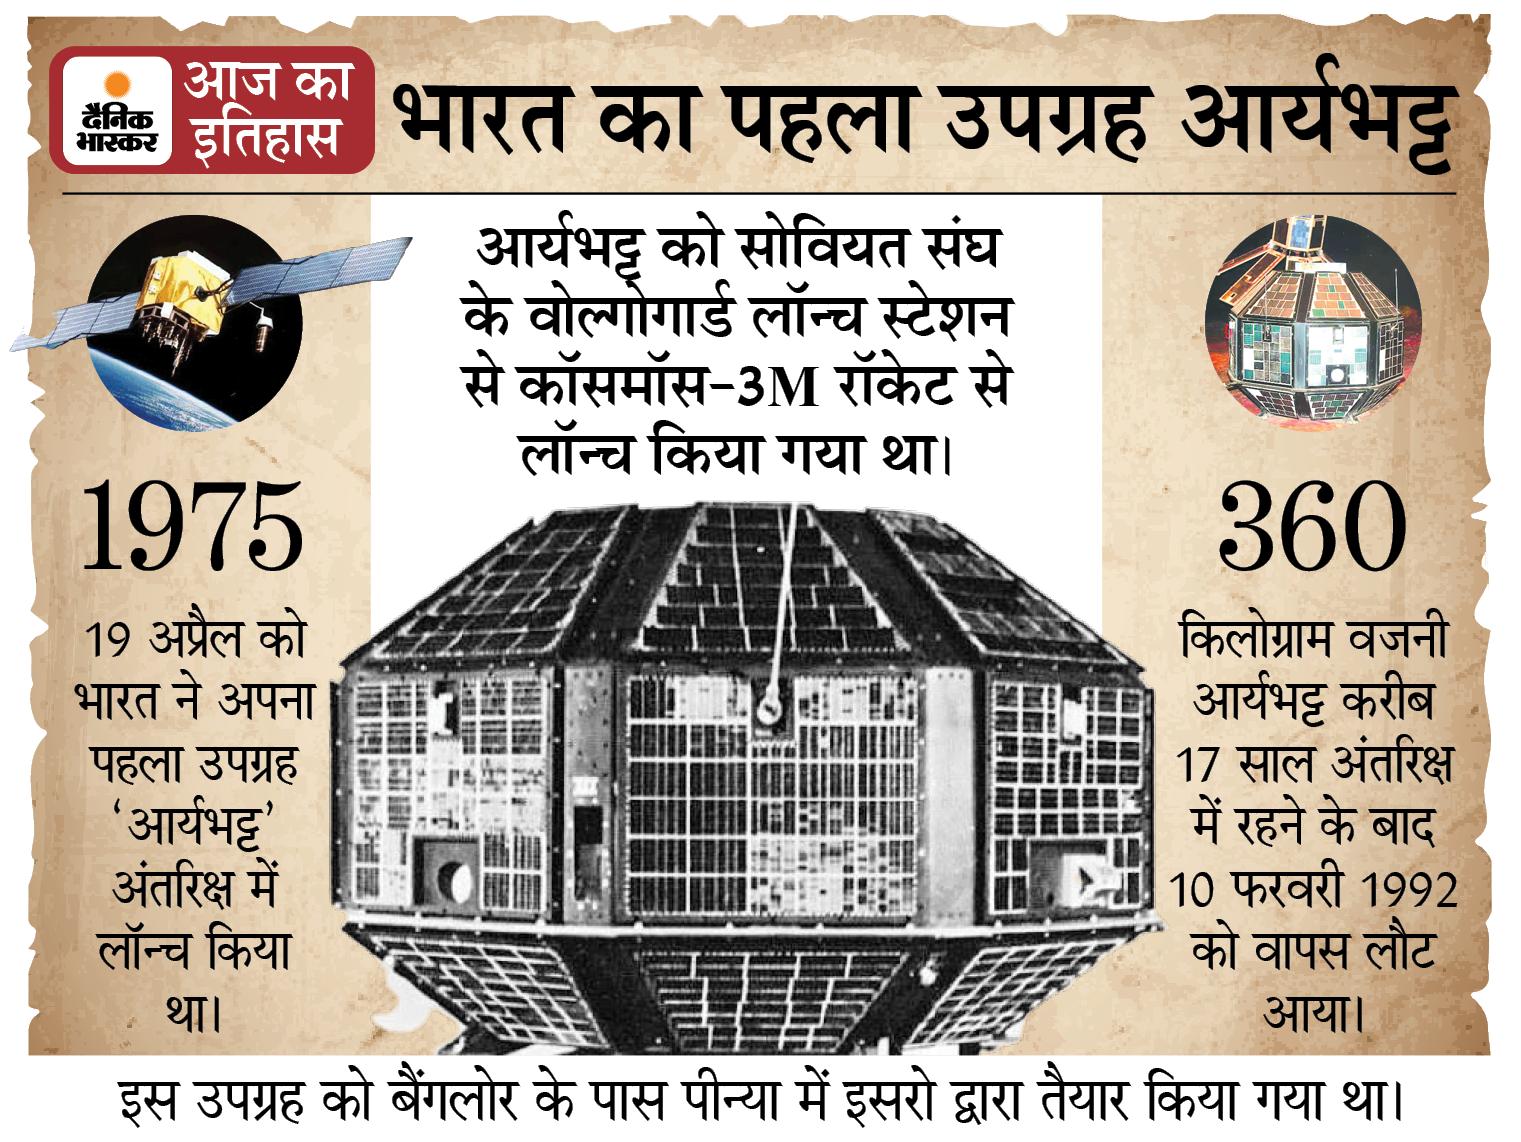 आज ही हुई थी भारत के अंतरिक्ष सफर की शुरुआत, अपने पहले उपग्रह 'आर्यभट्ट' को भेजा था अंतरिक्ष में|देश,National - Dainik Bhaskar